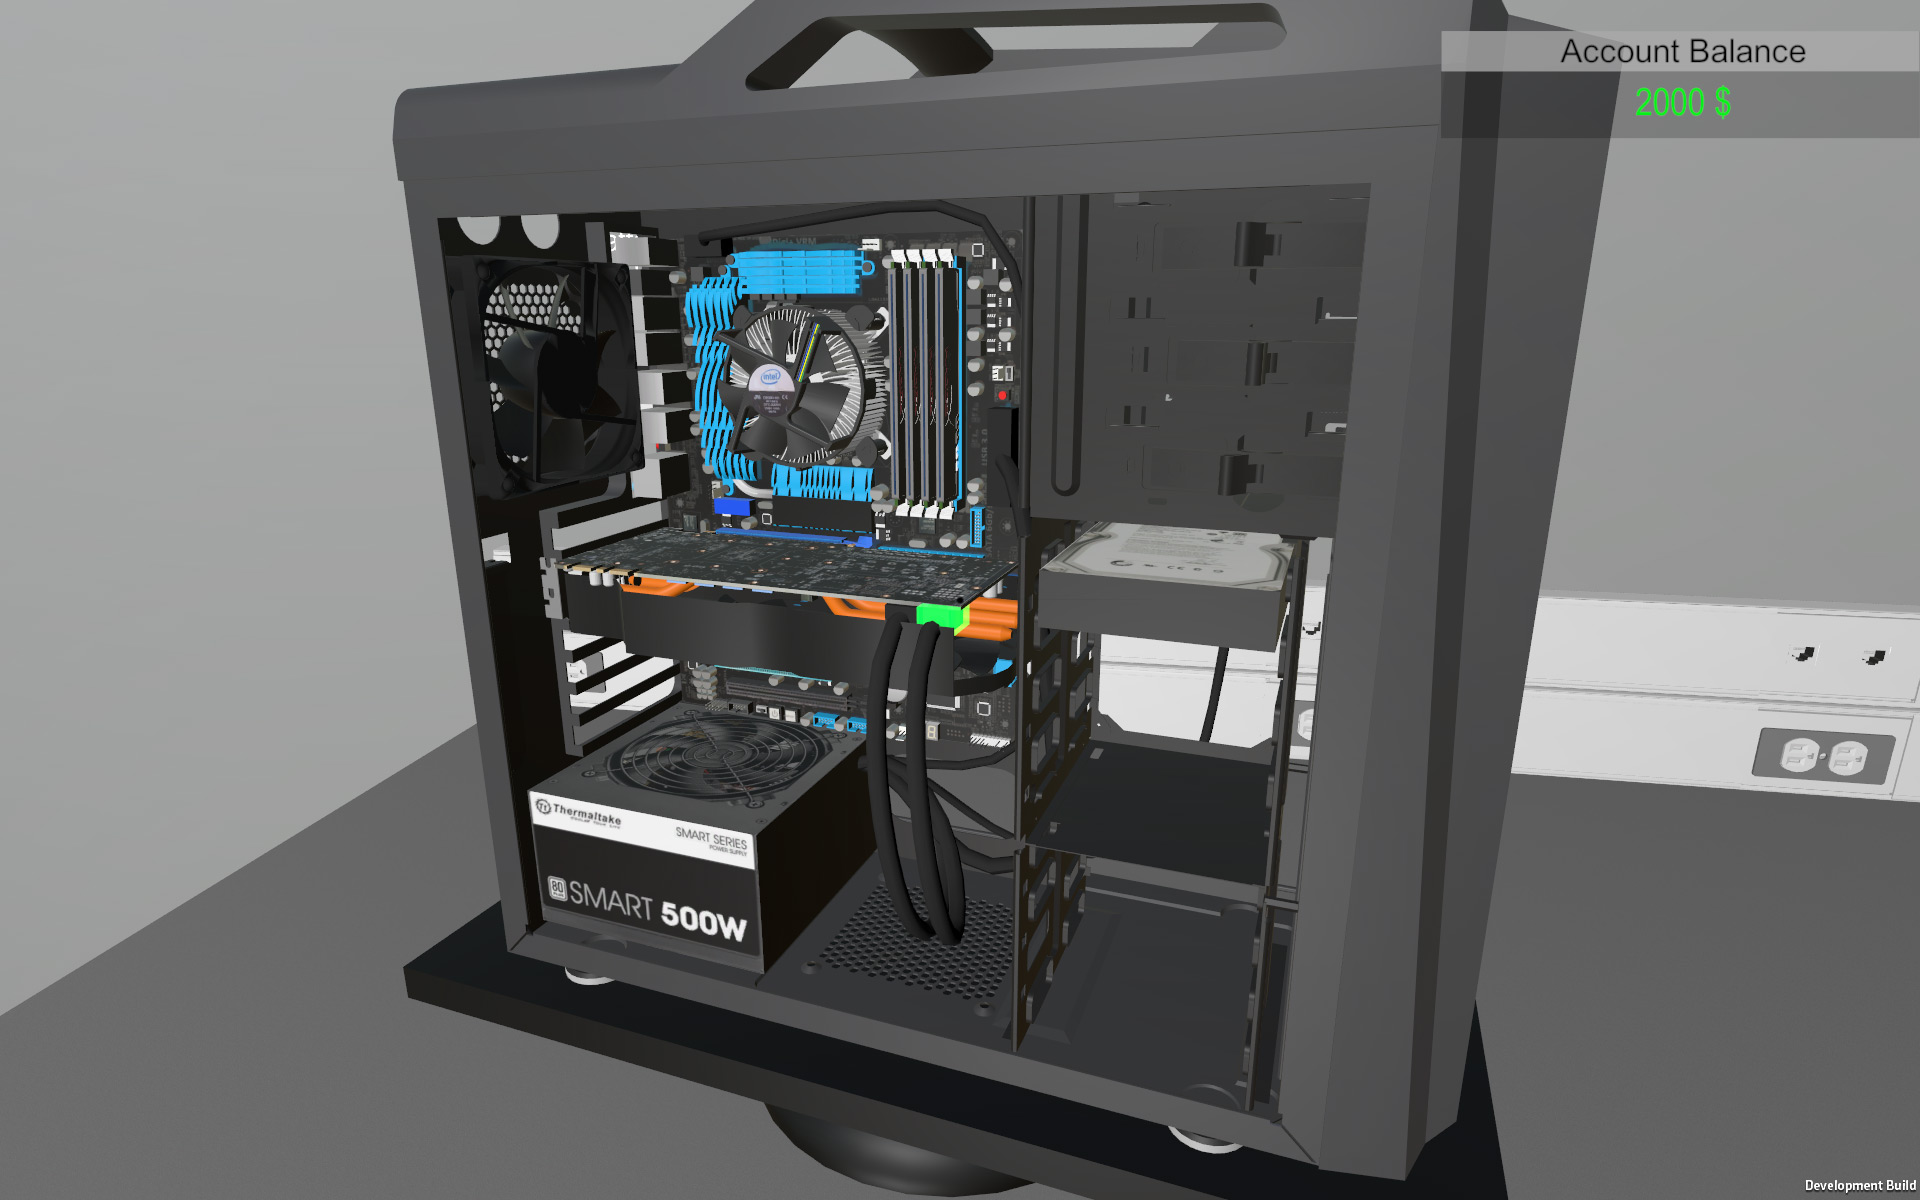 Juega a montar tu propio ordenador con pc building for Online house builder simulator